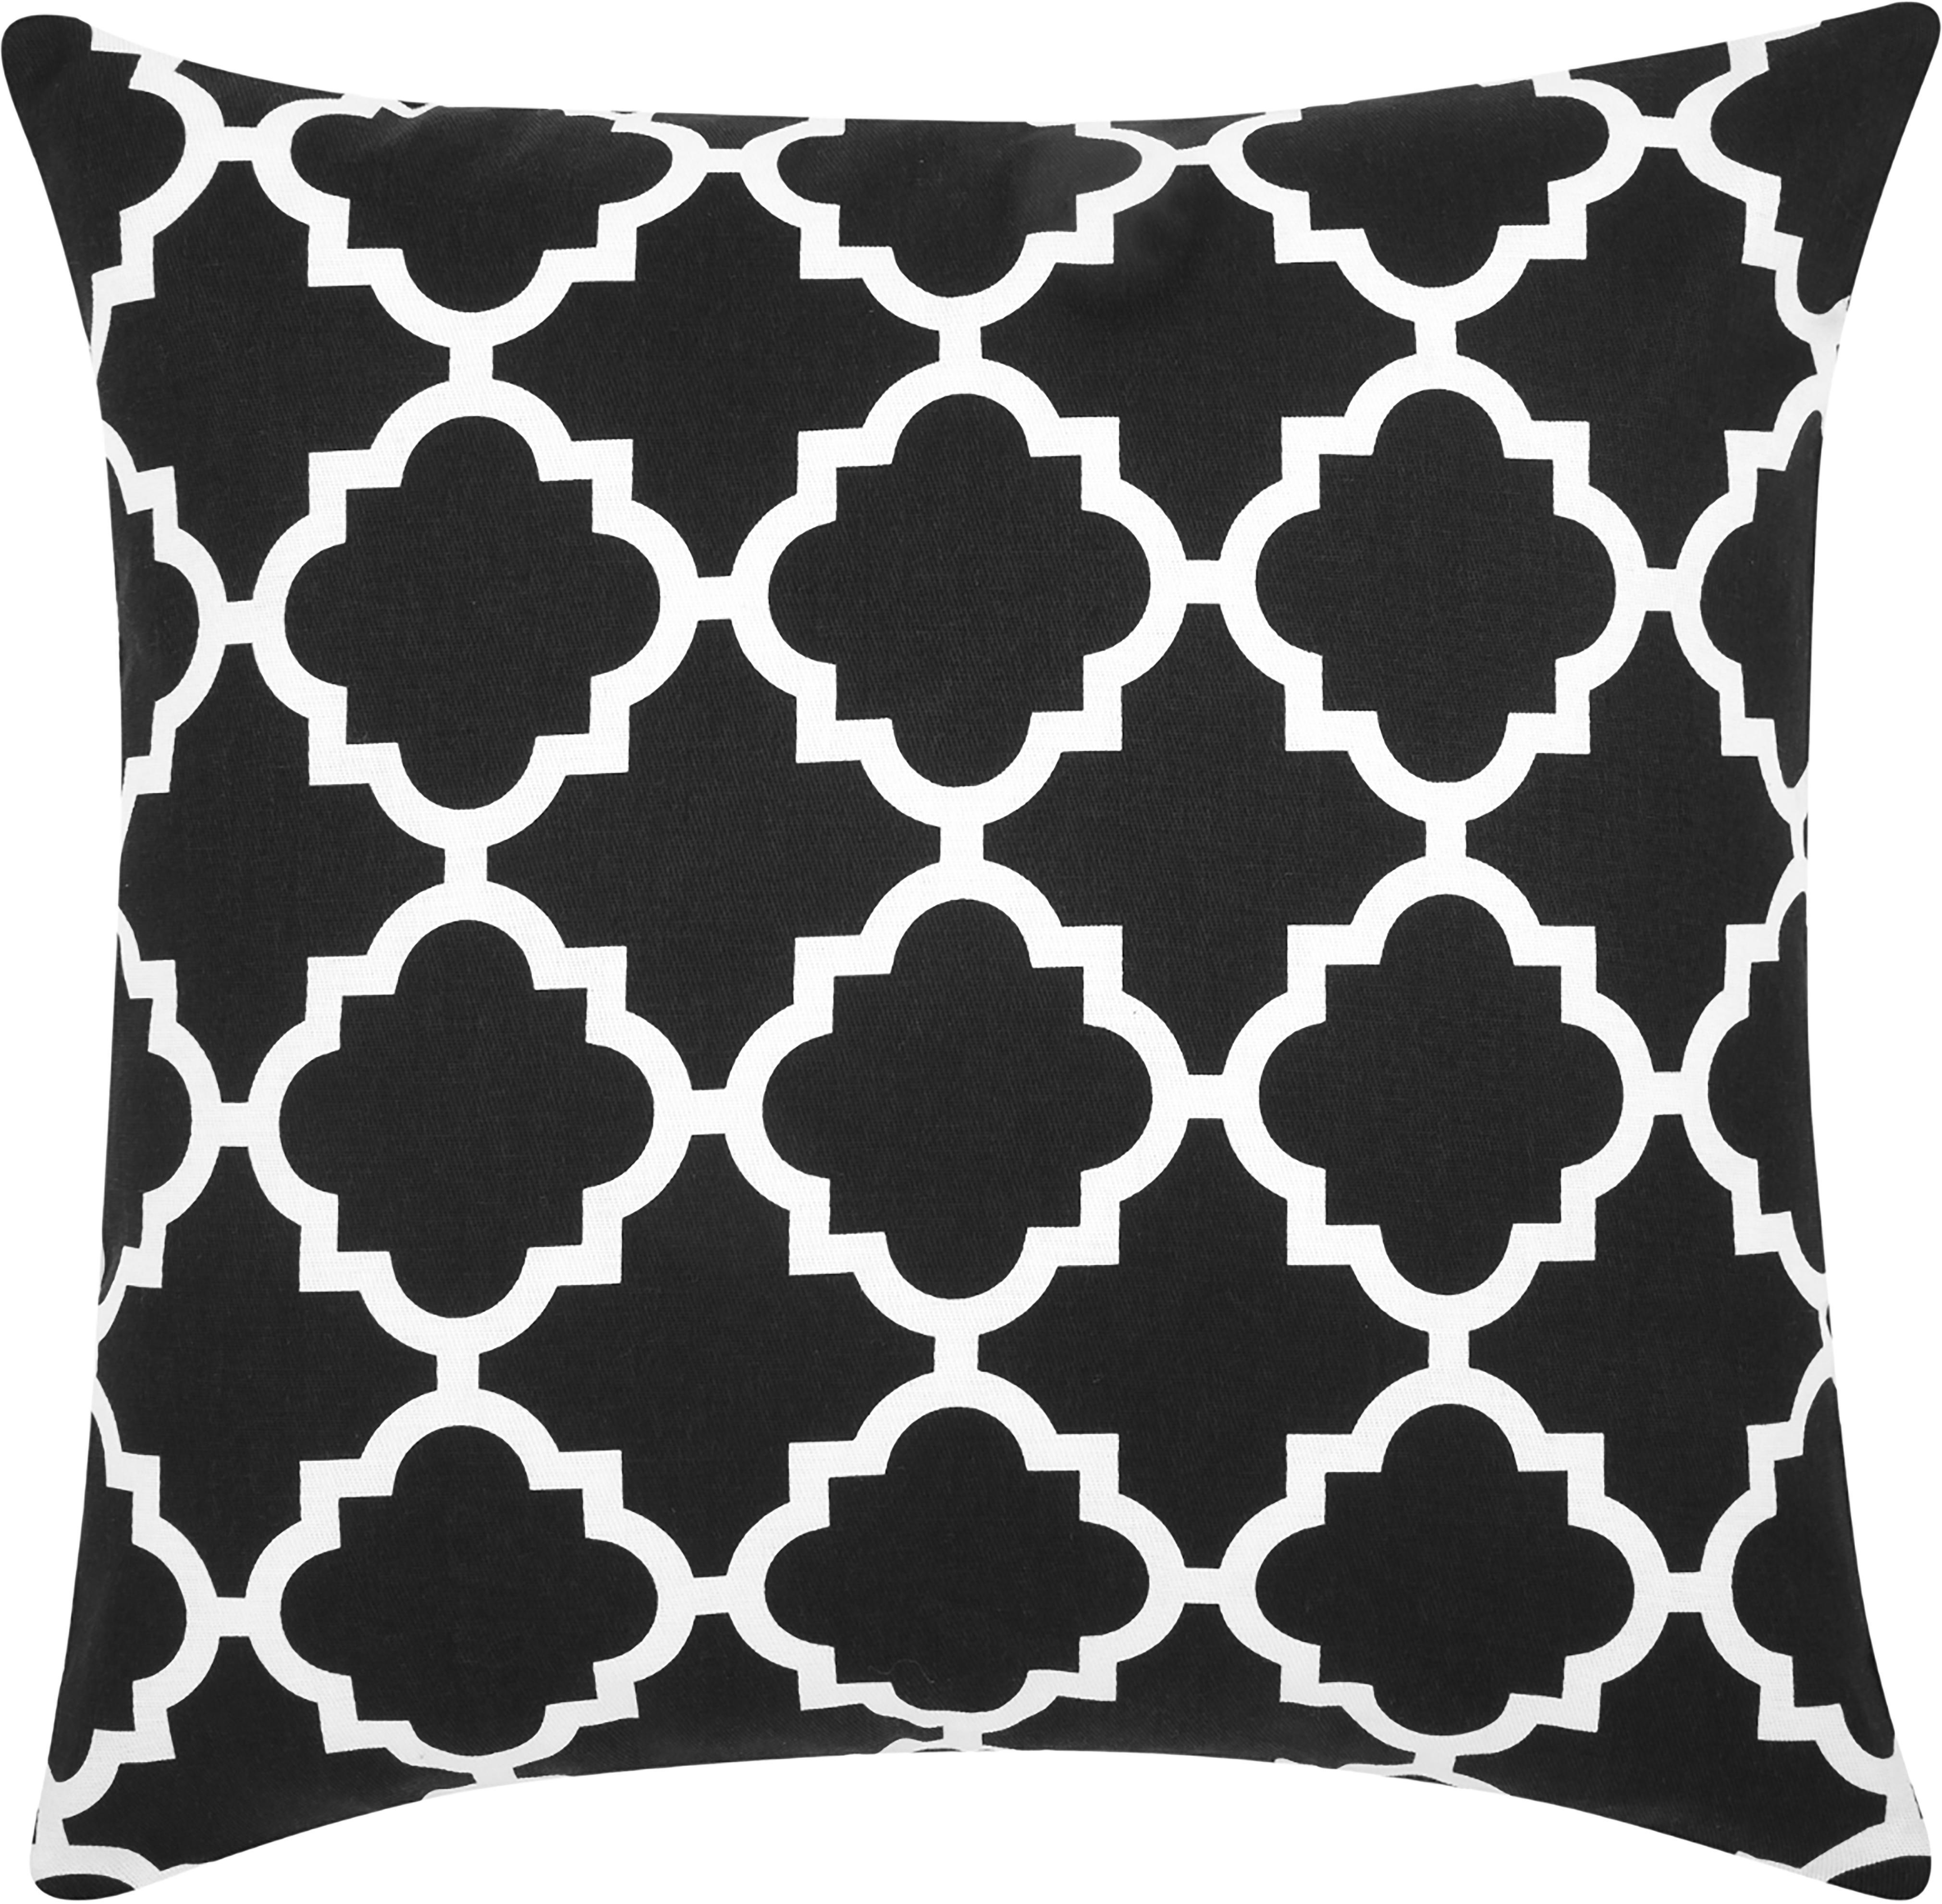 Kissenhülle Lana mit grafischem Muster, 100% Baumwolle, Schwarz, Weiß, 45 x 45 cm